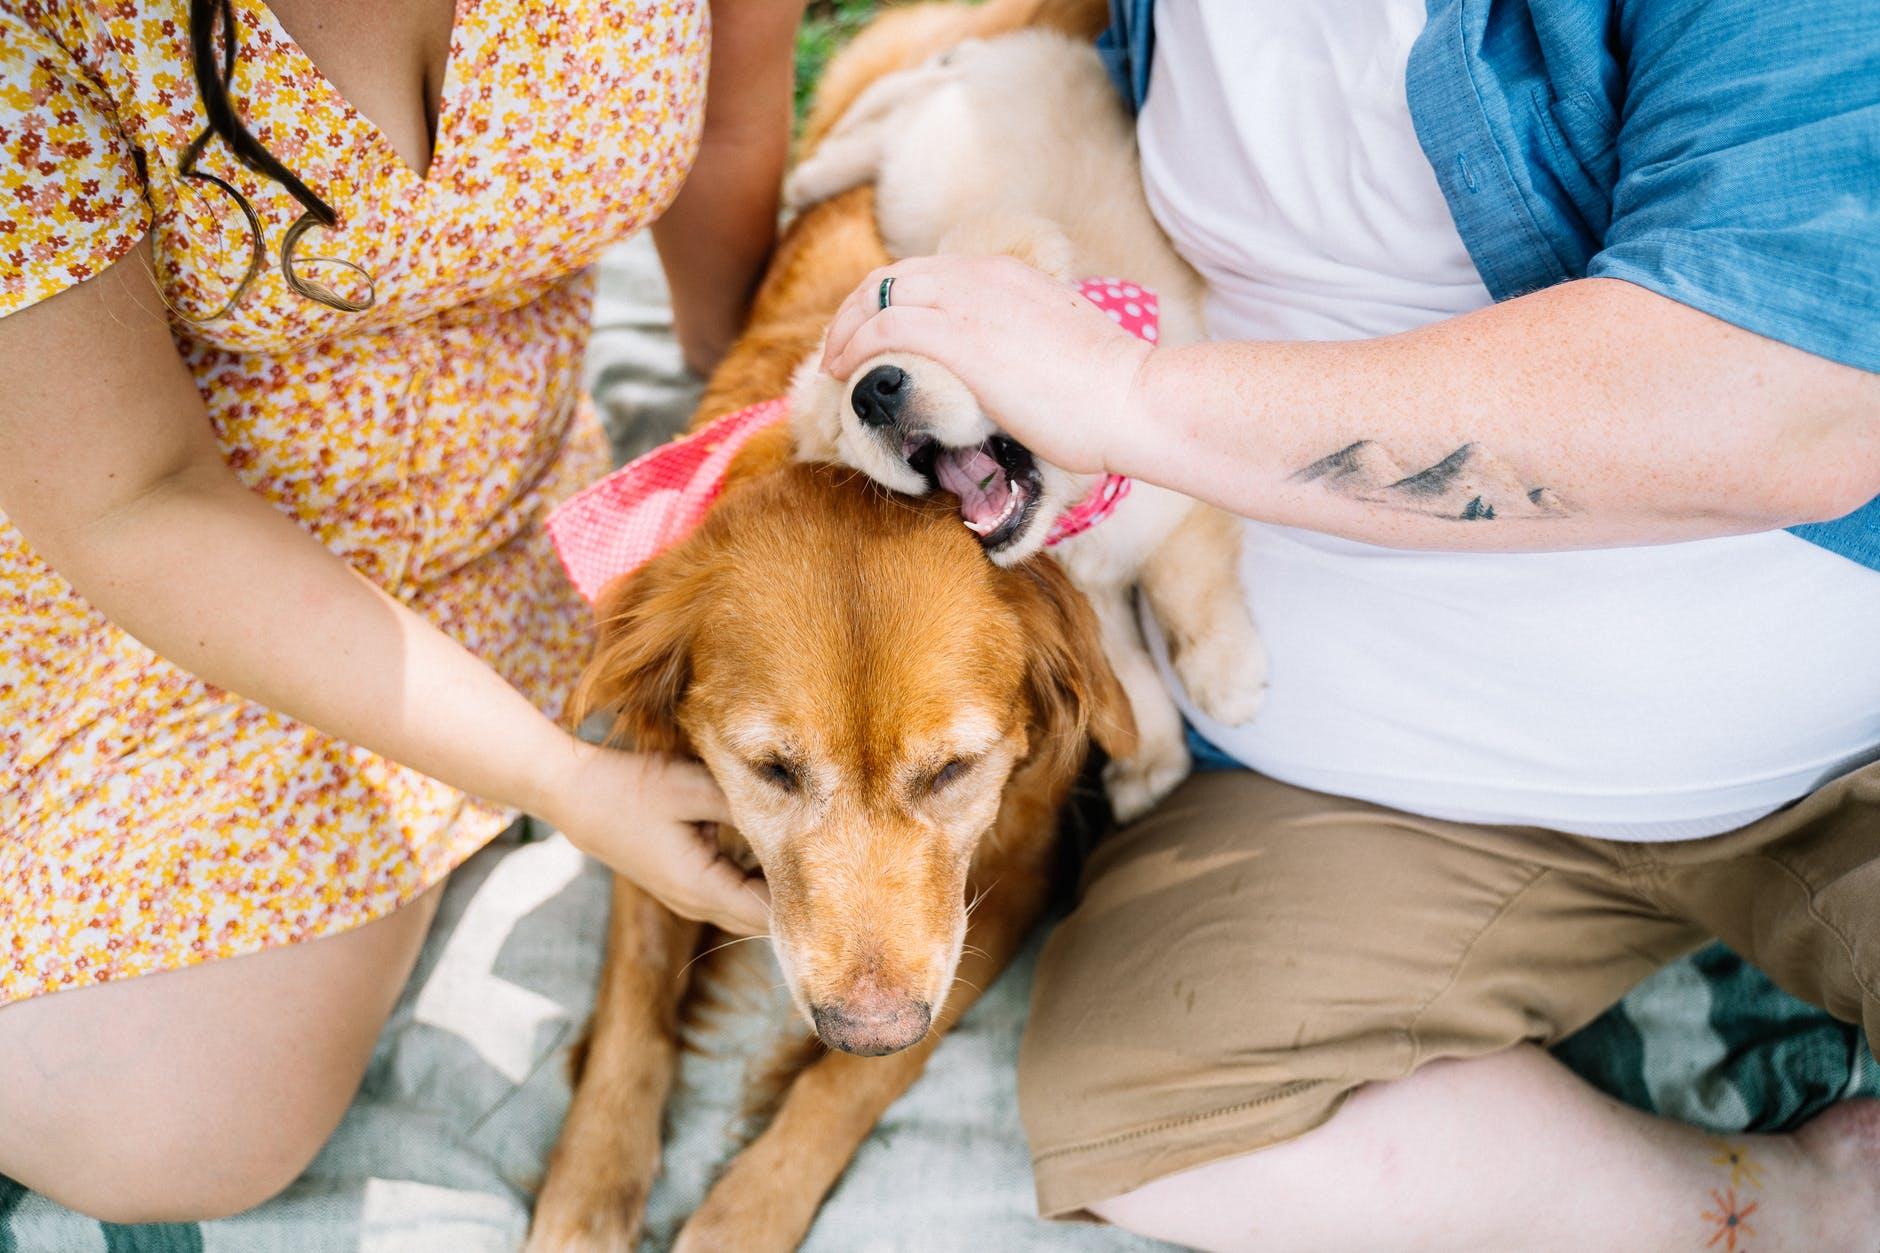 Tener una mascota canina puede ayudar a la prevención del asma